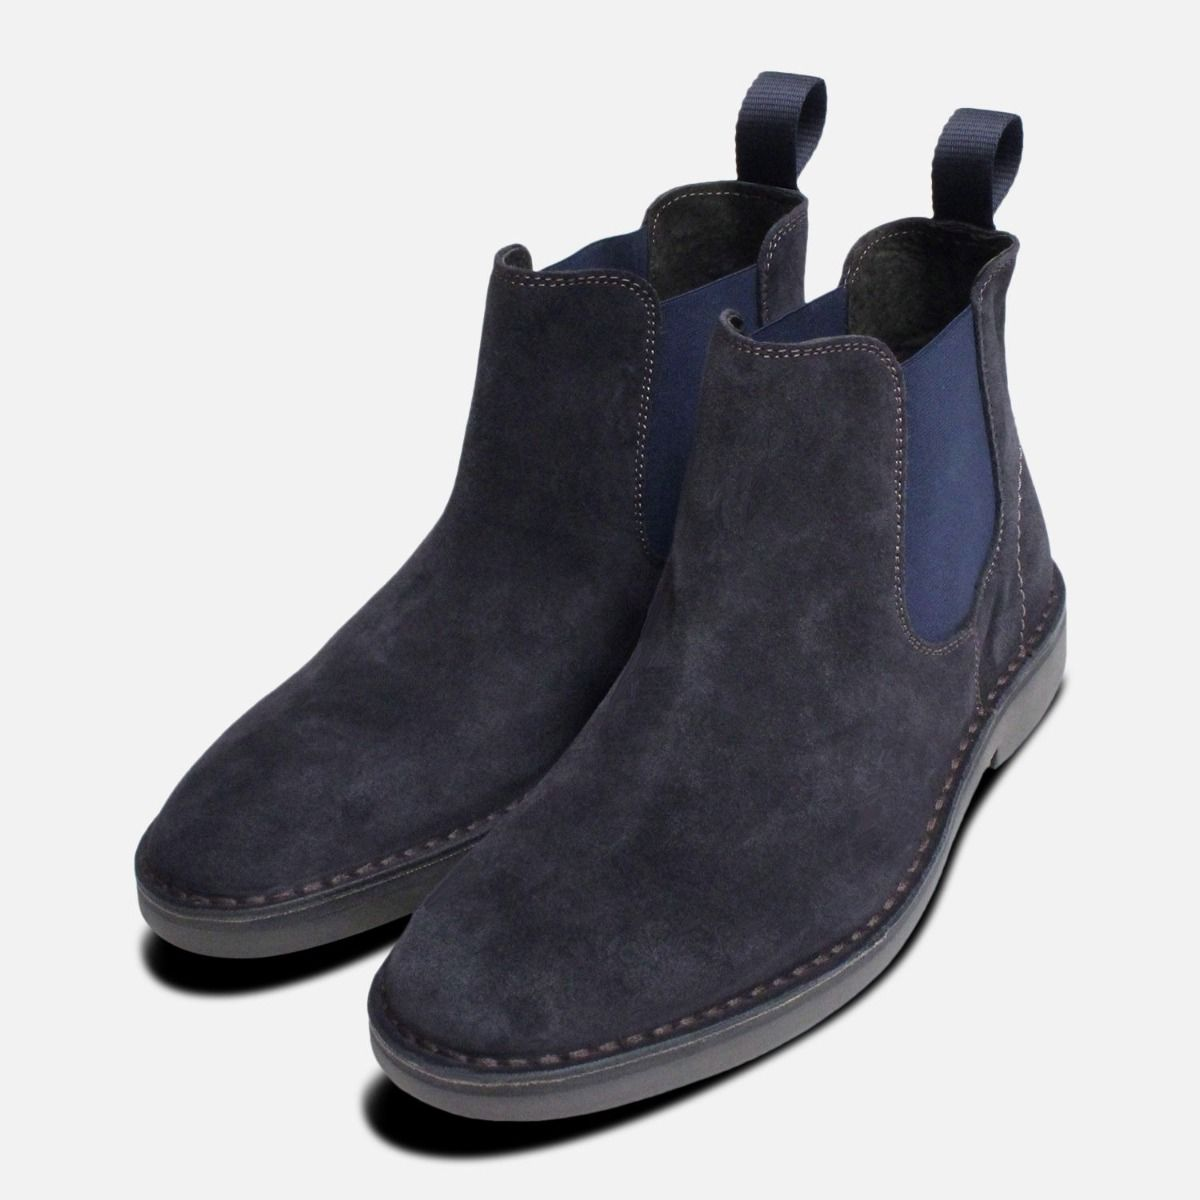 Navy Blue Suede Plain Chelsea Boots for Men